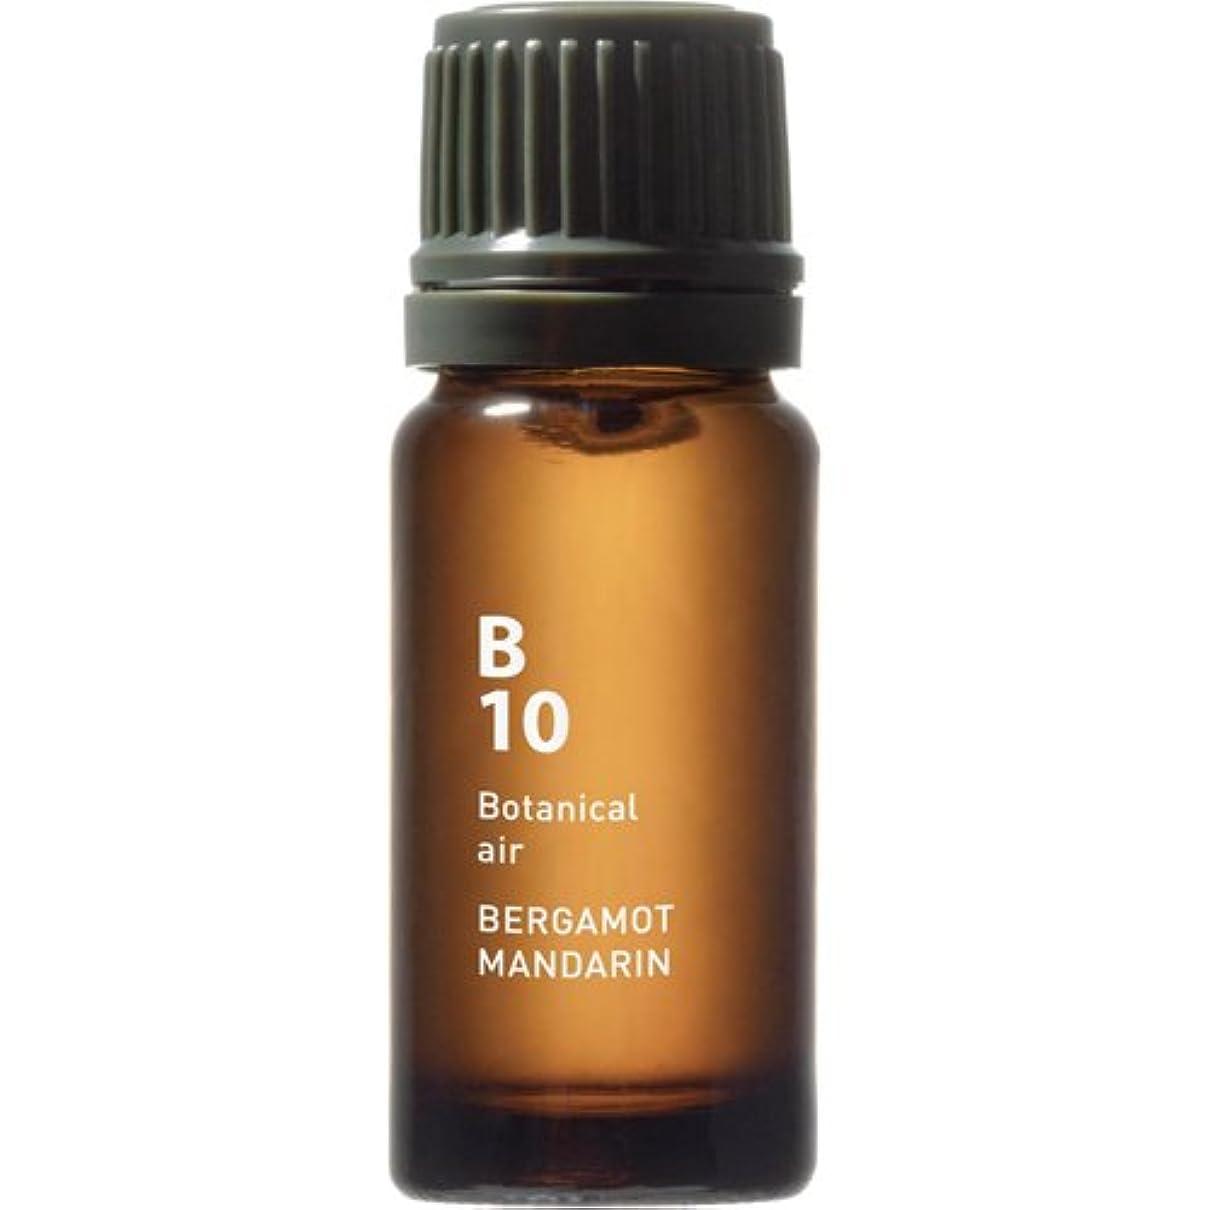 シミュレートするクロール錫B10 ベルガモットマンダリン Botanical air(ボタニカルエアー) 10ml